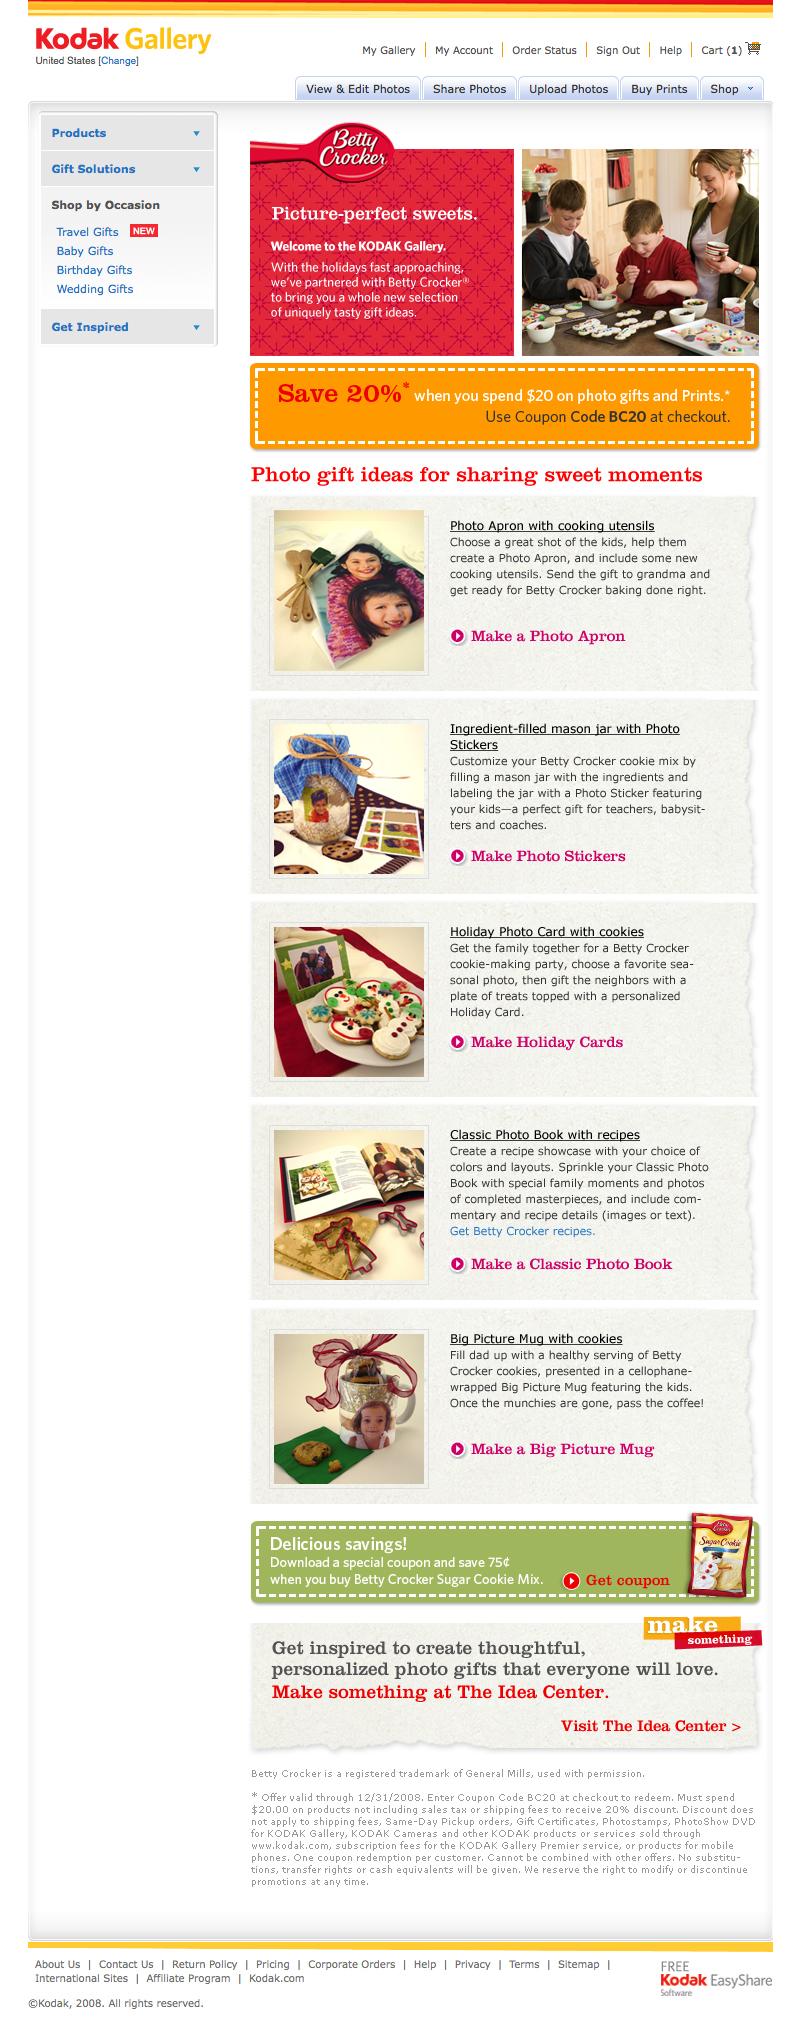 Betty Crocker Co-Branded Landing Page for Kodak Gallery